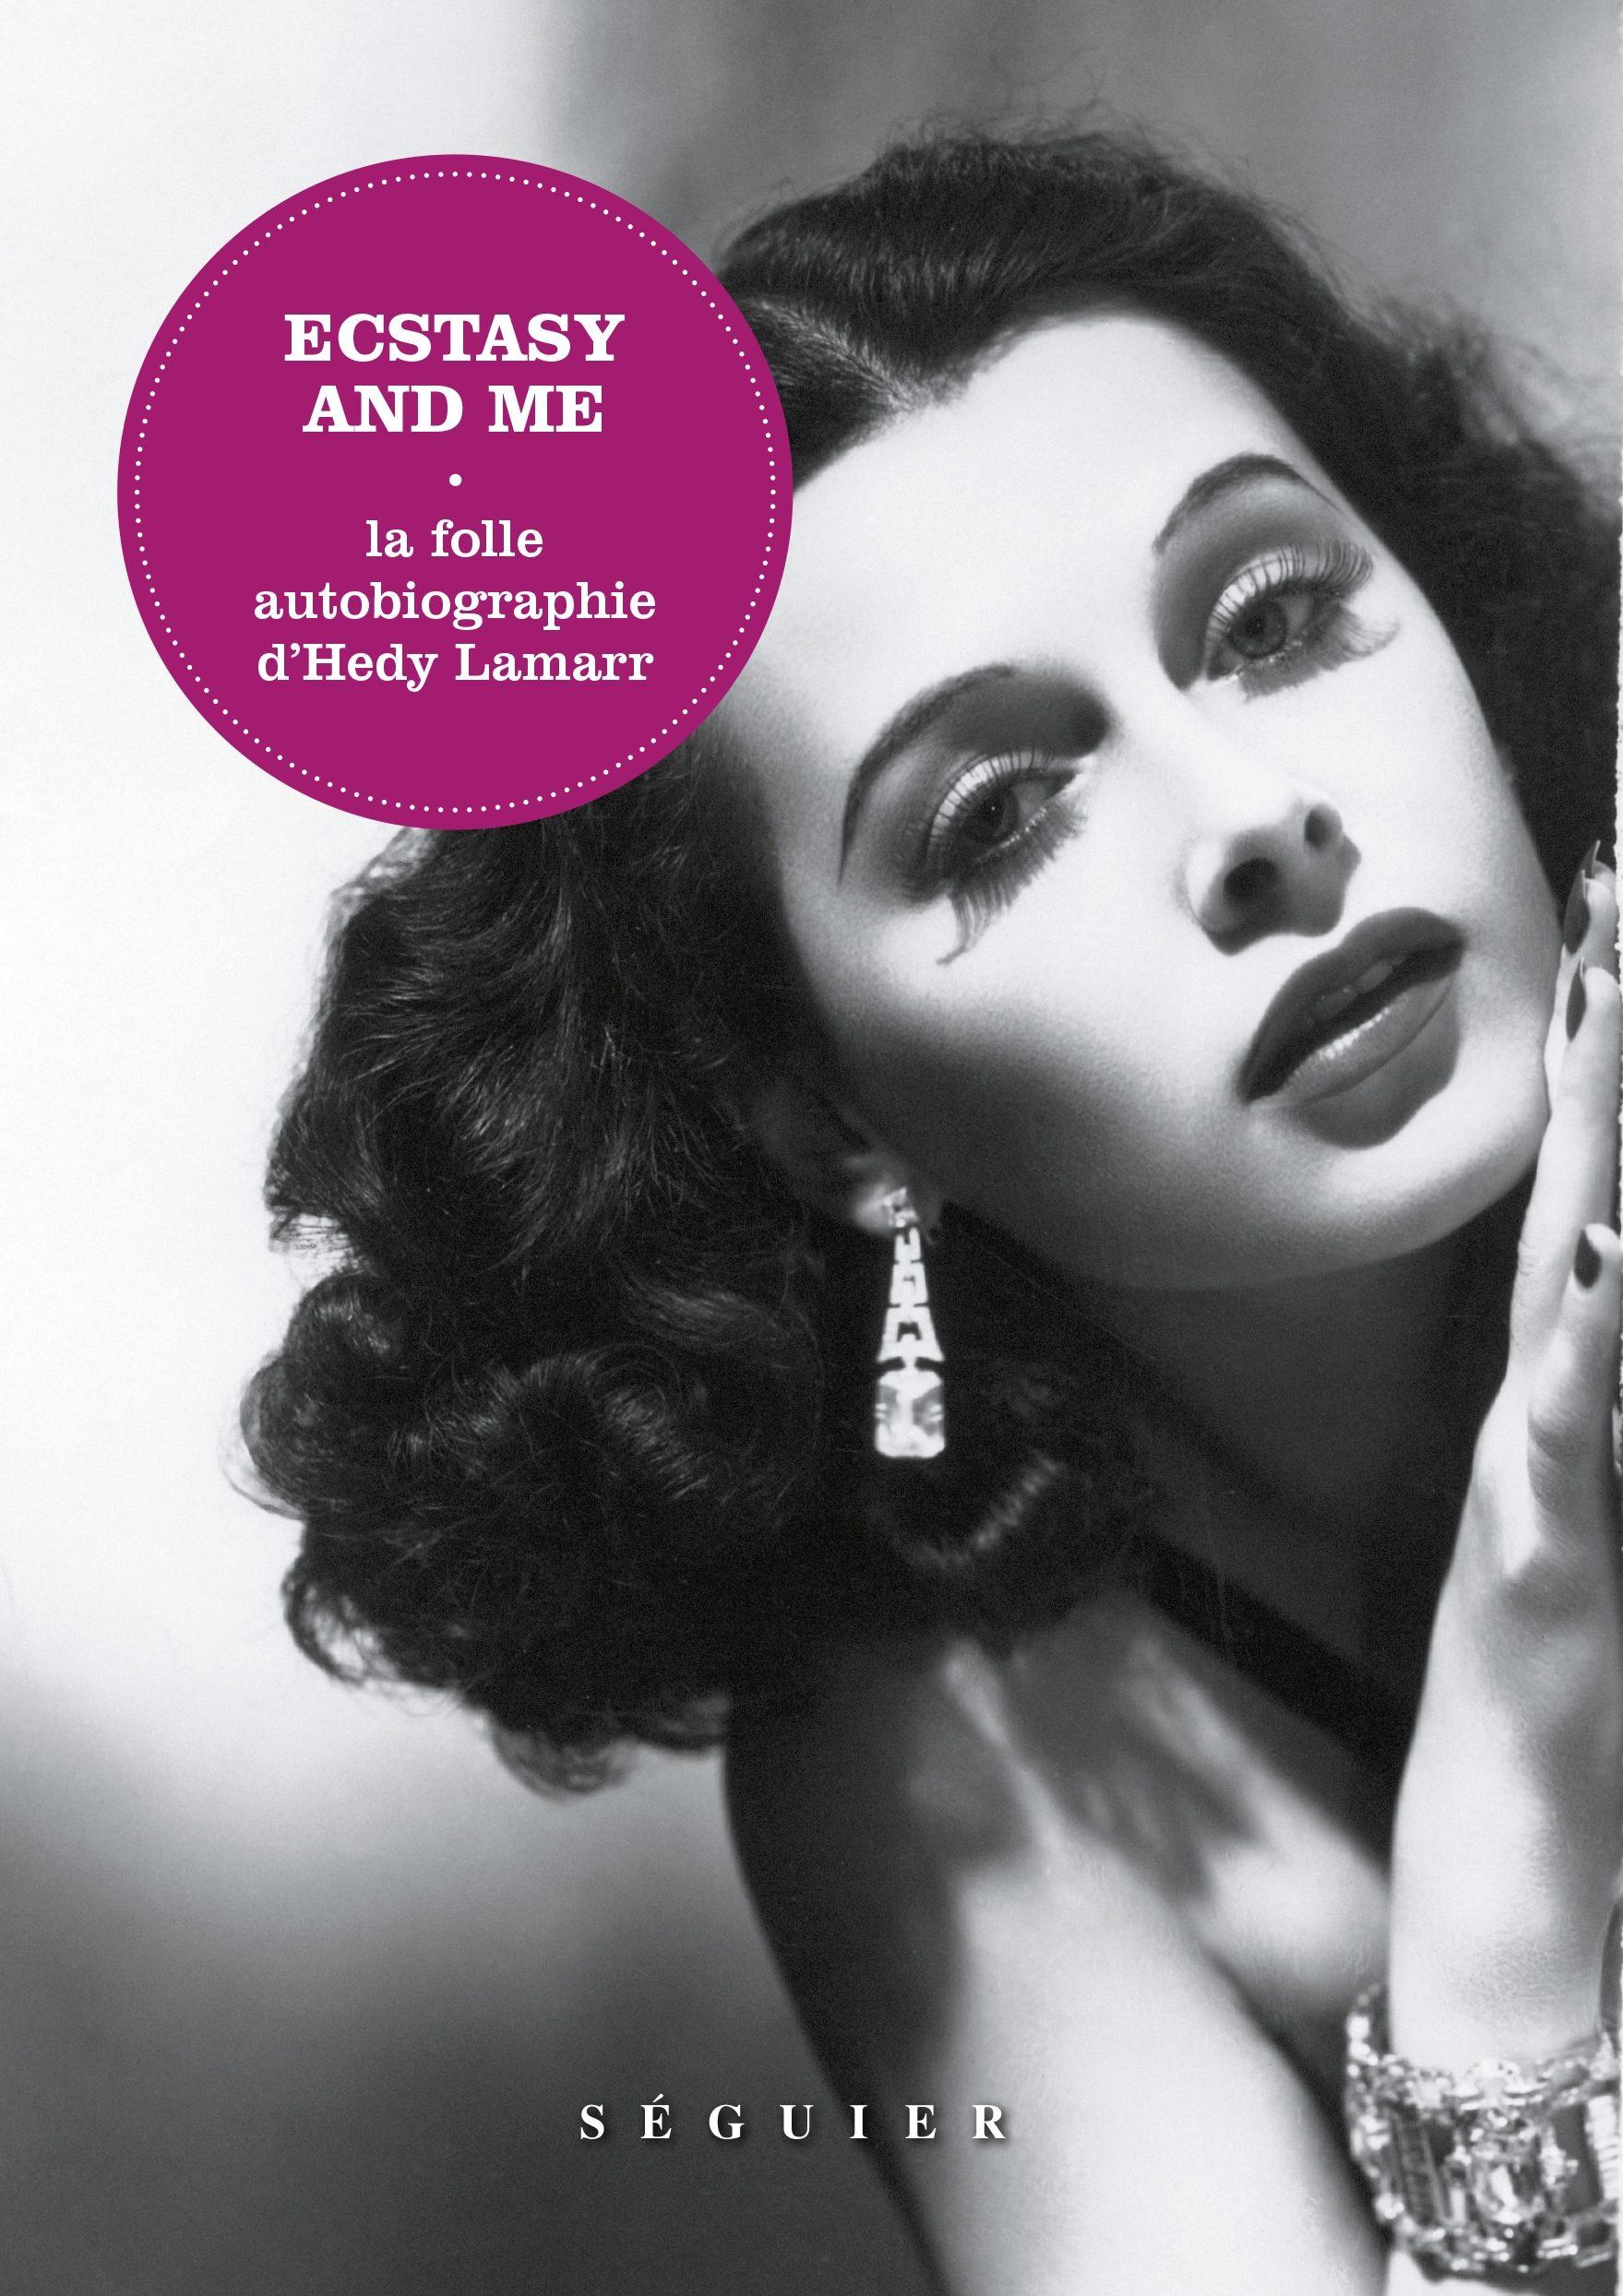 événement au cinéma Louxor autour d'Hedy Lamarr